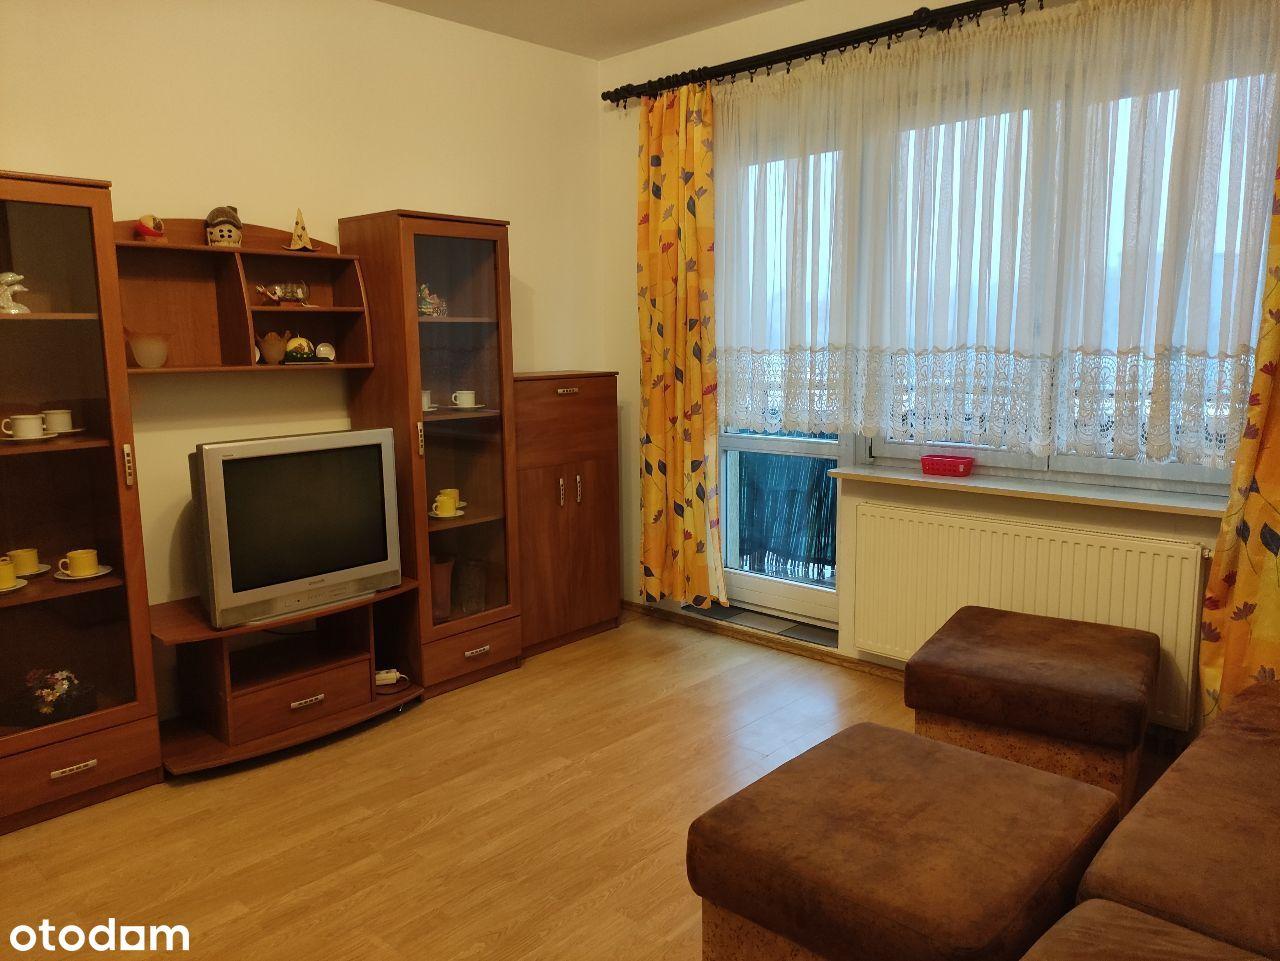 Sprzedam mieszkanie w śródmieściu Olsztyna